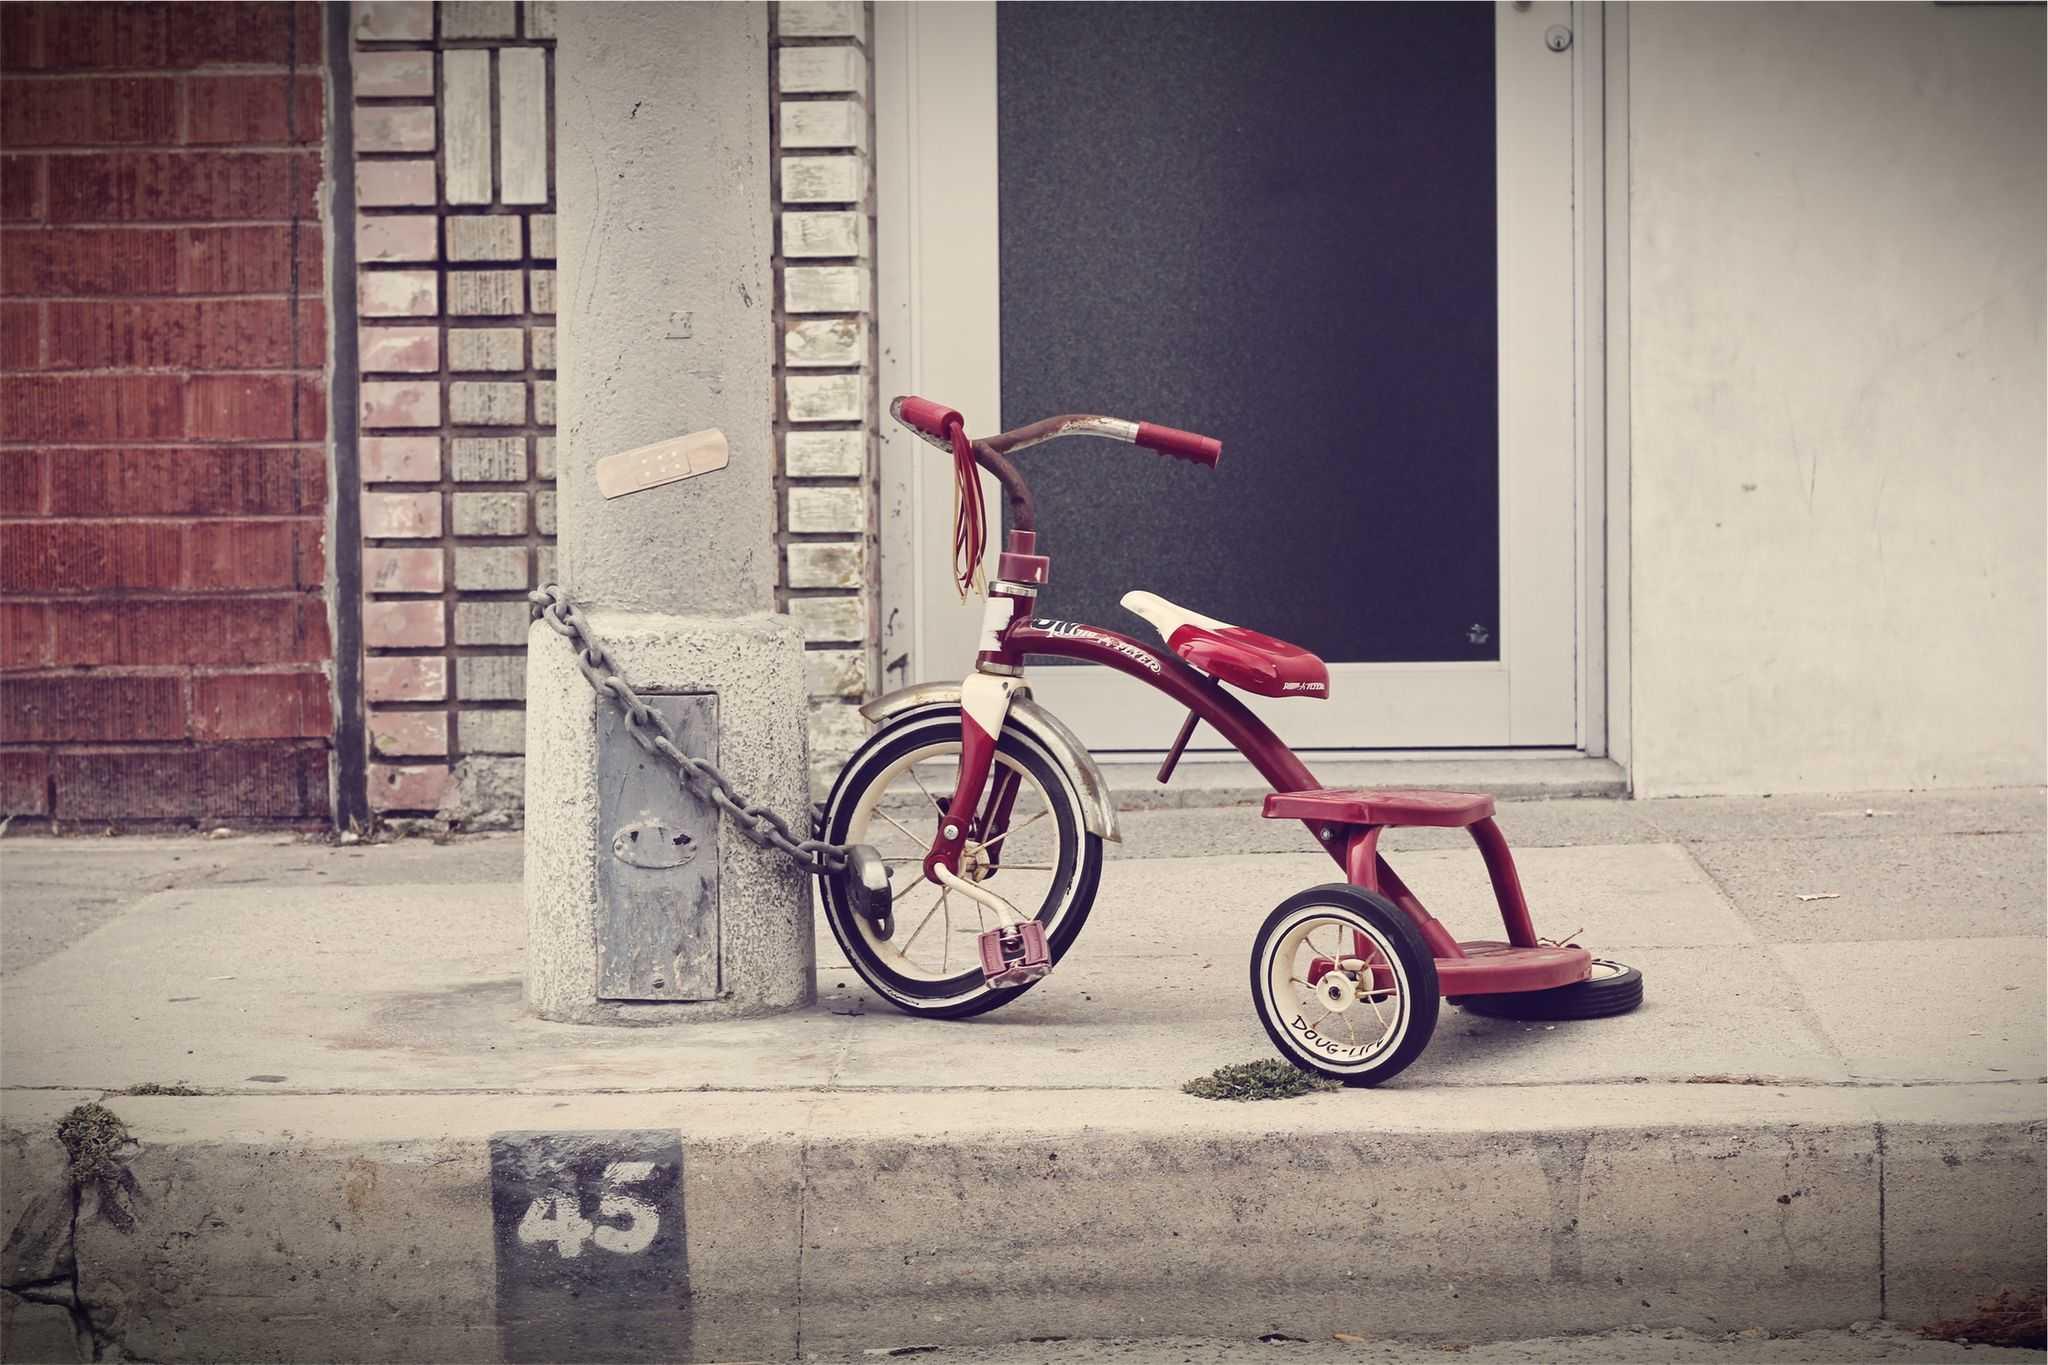 dziecięcy rowerek przywiązany łańcuchem do słupa - gdzie jest dziecko